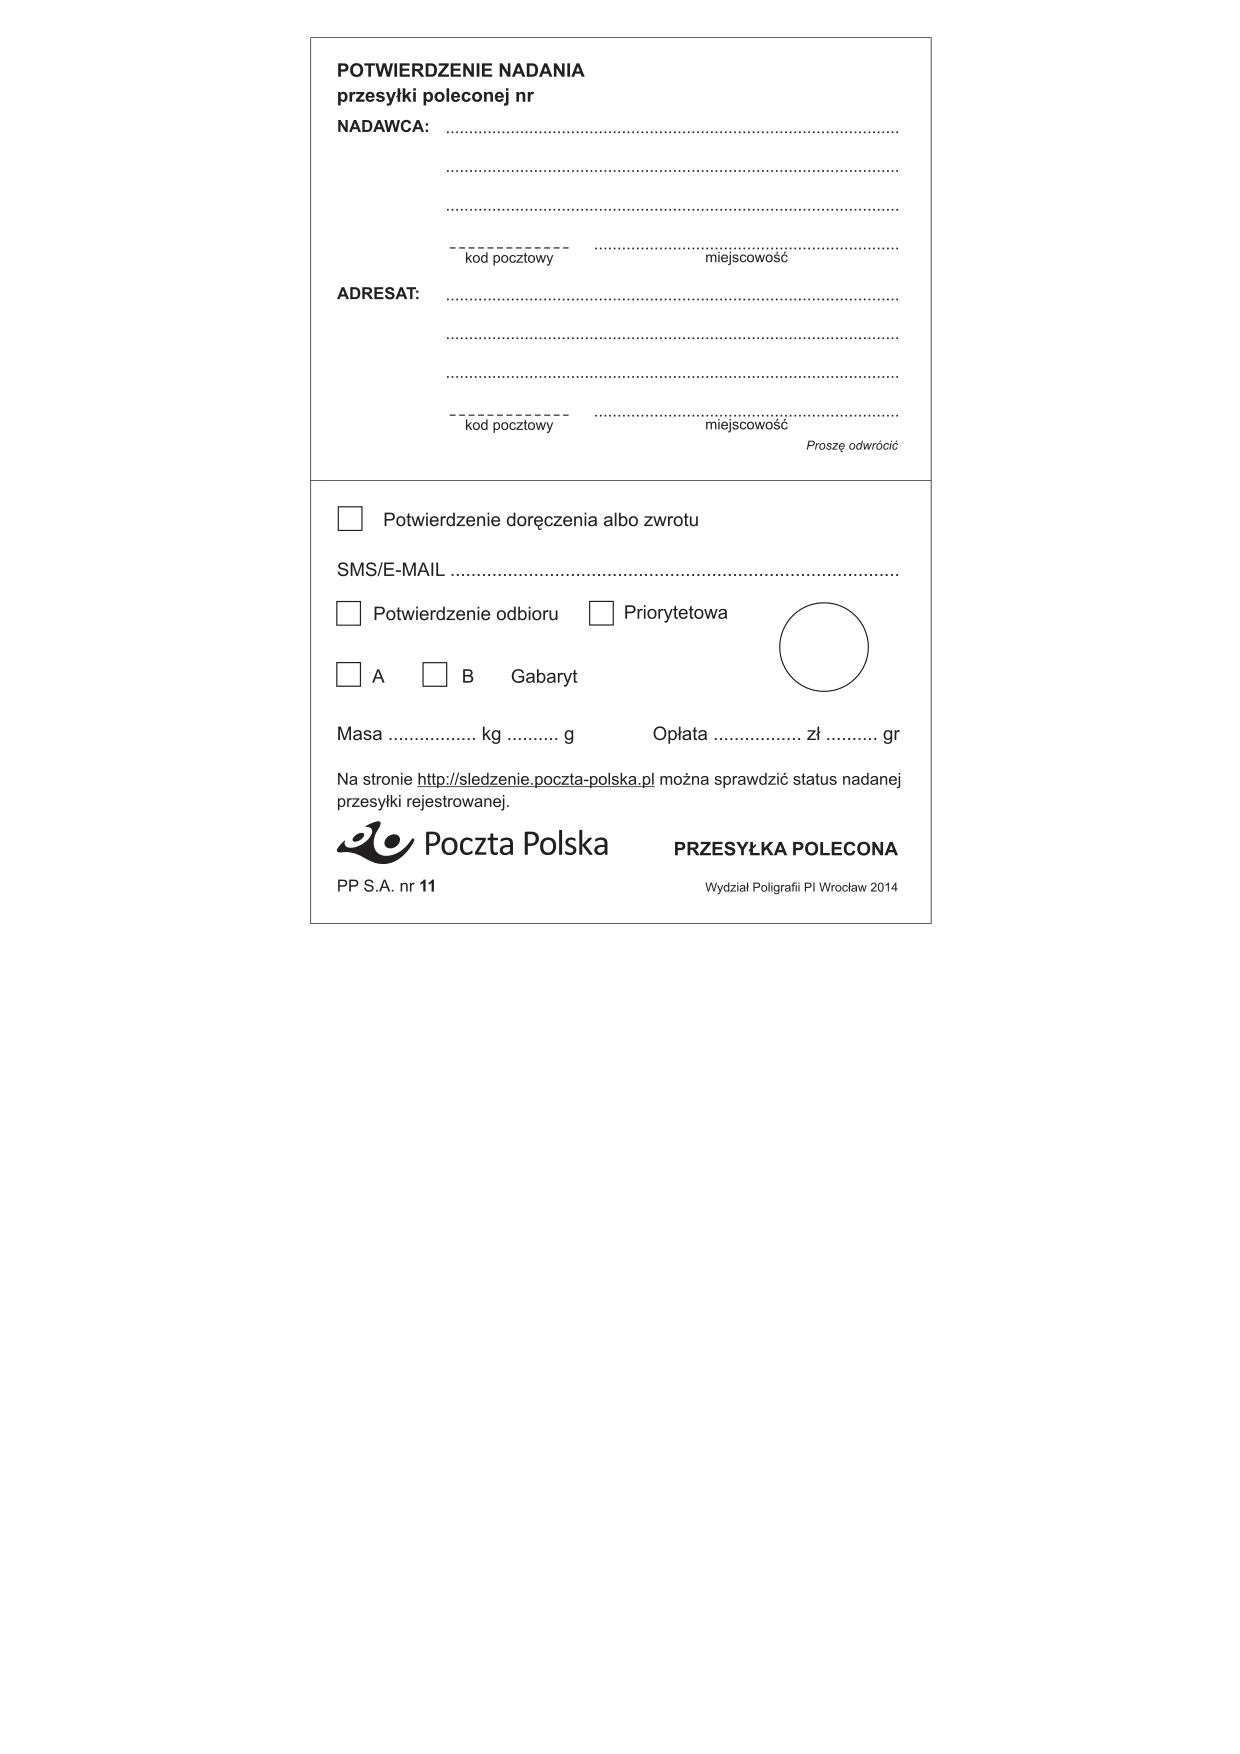 PP 11 (od 2014) Potwierdzenie nadania przesyłki poleconej